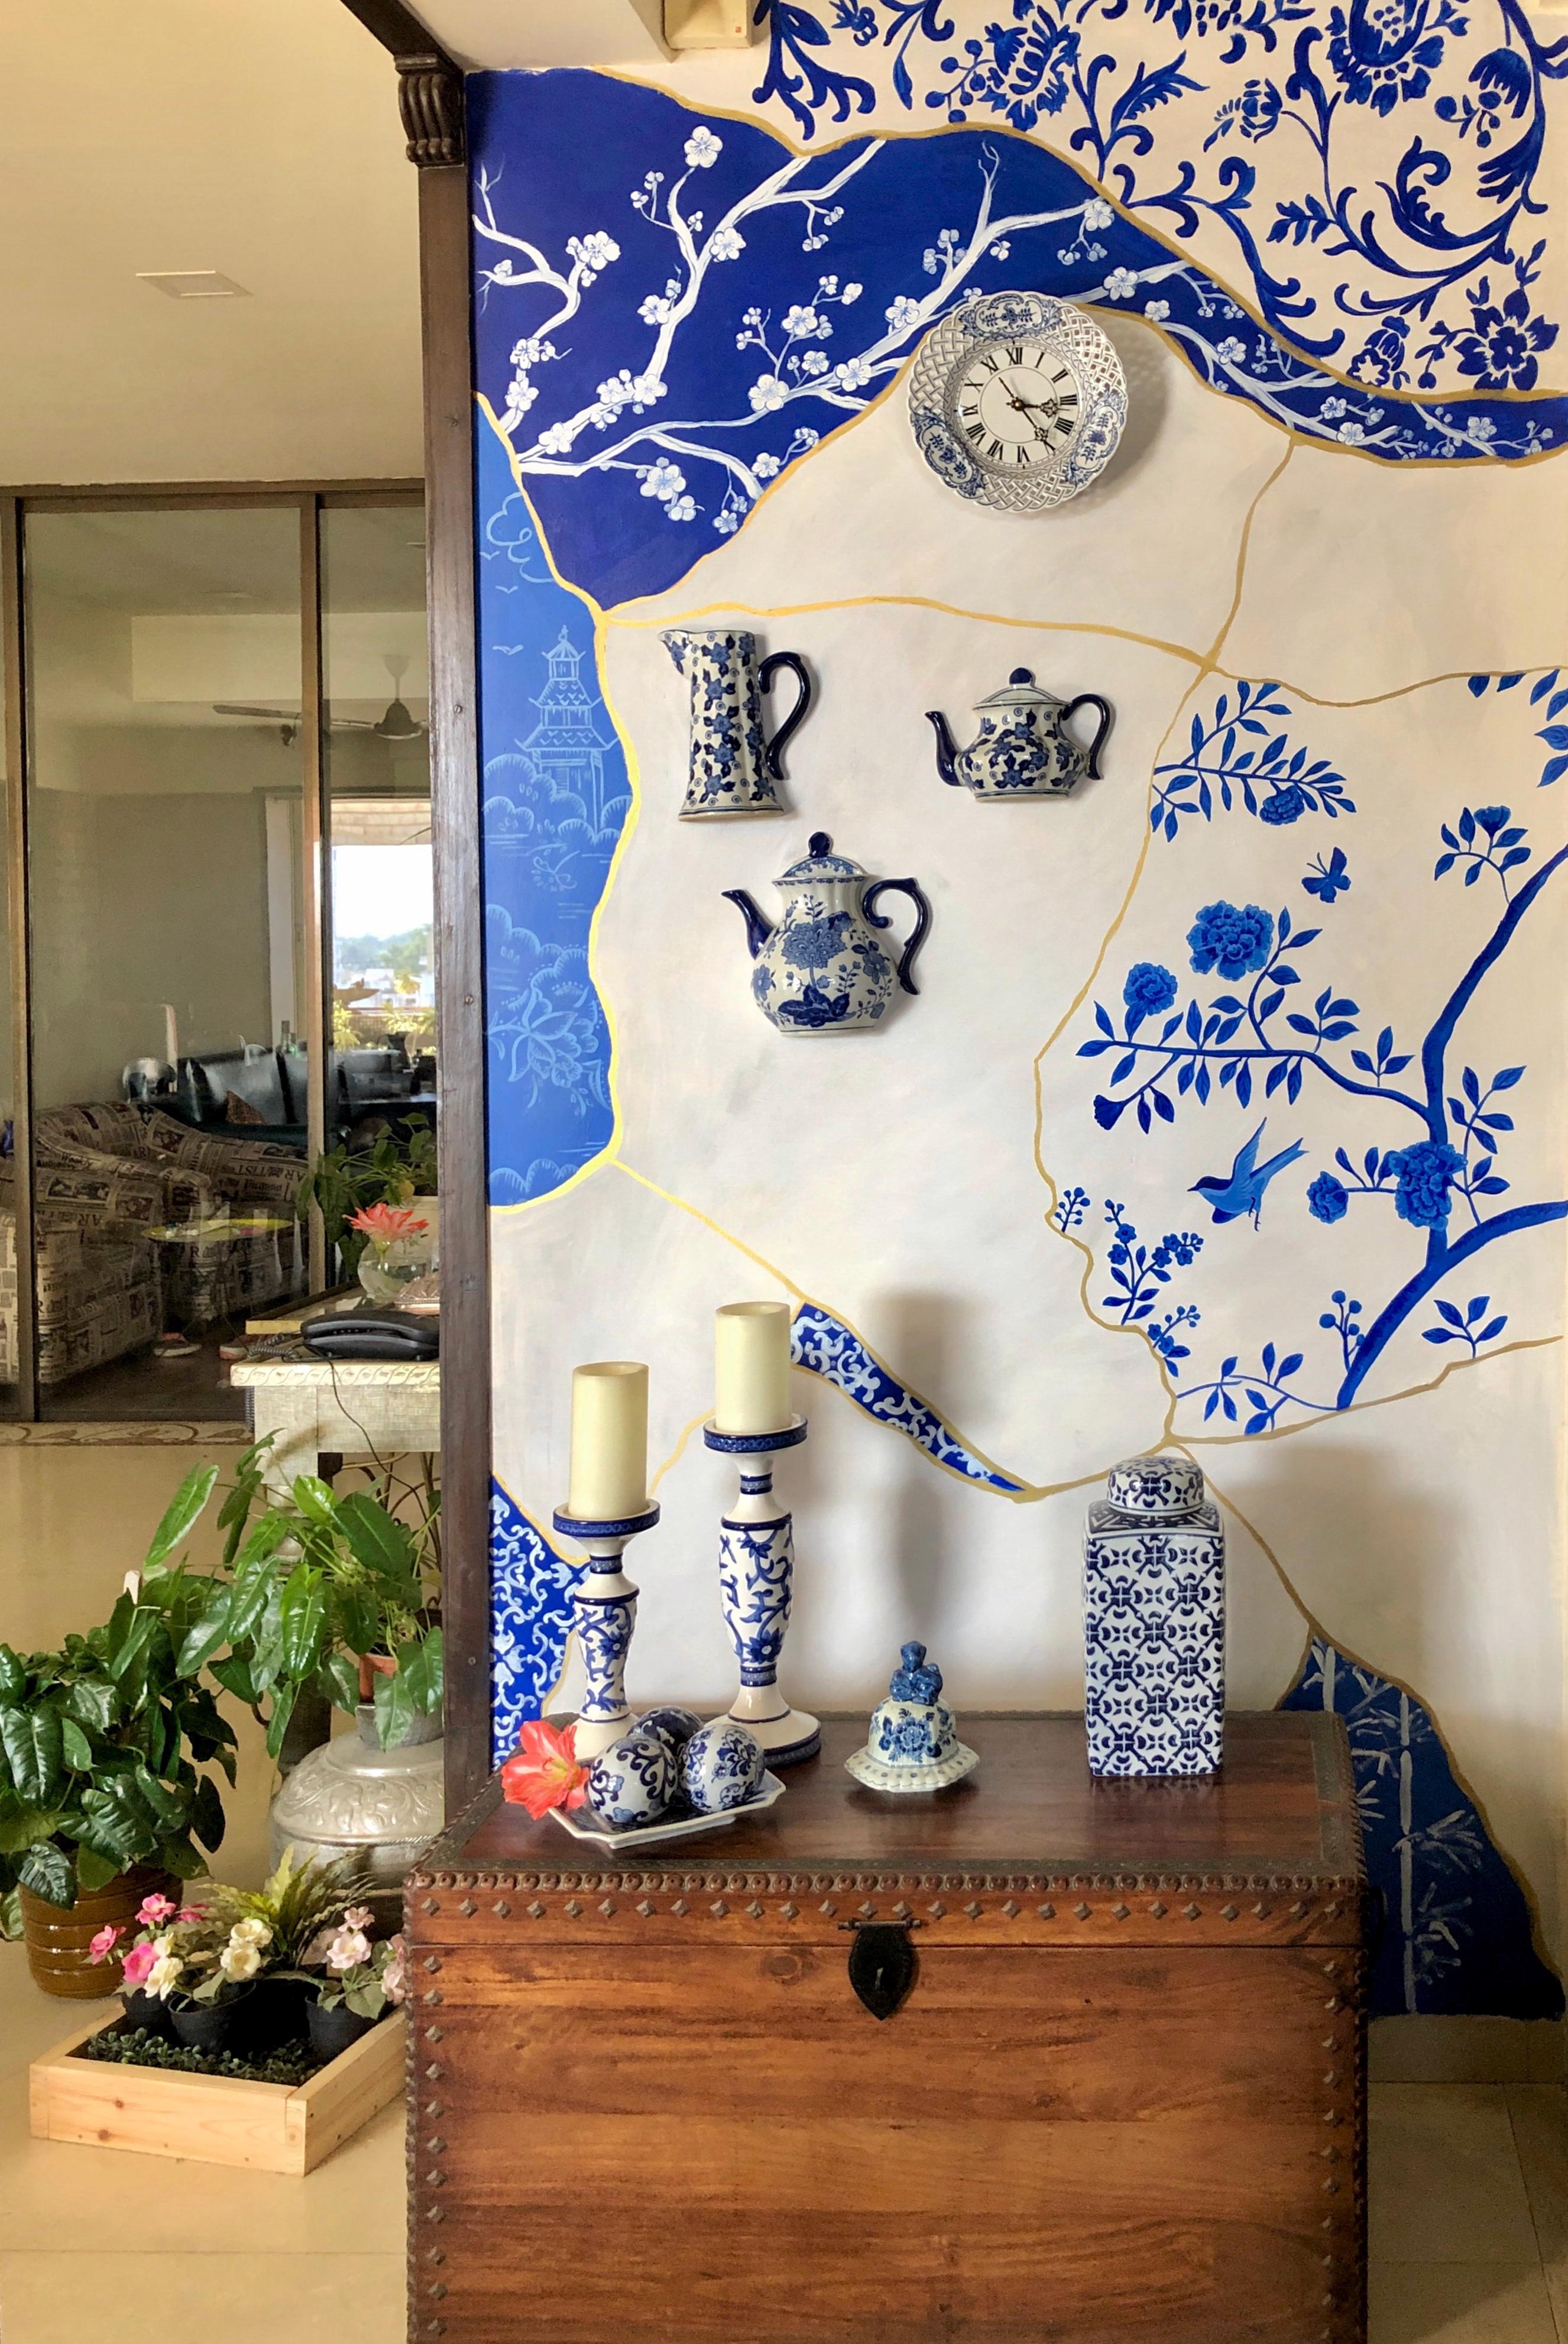 Blue & White Ceramic Inspired Mural